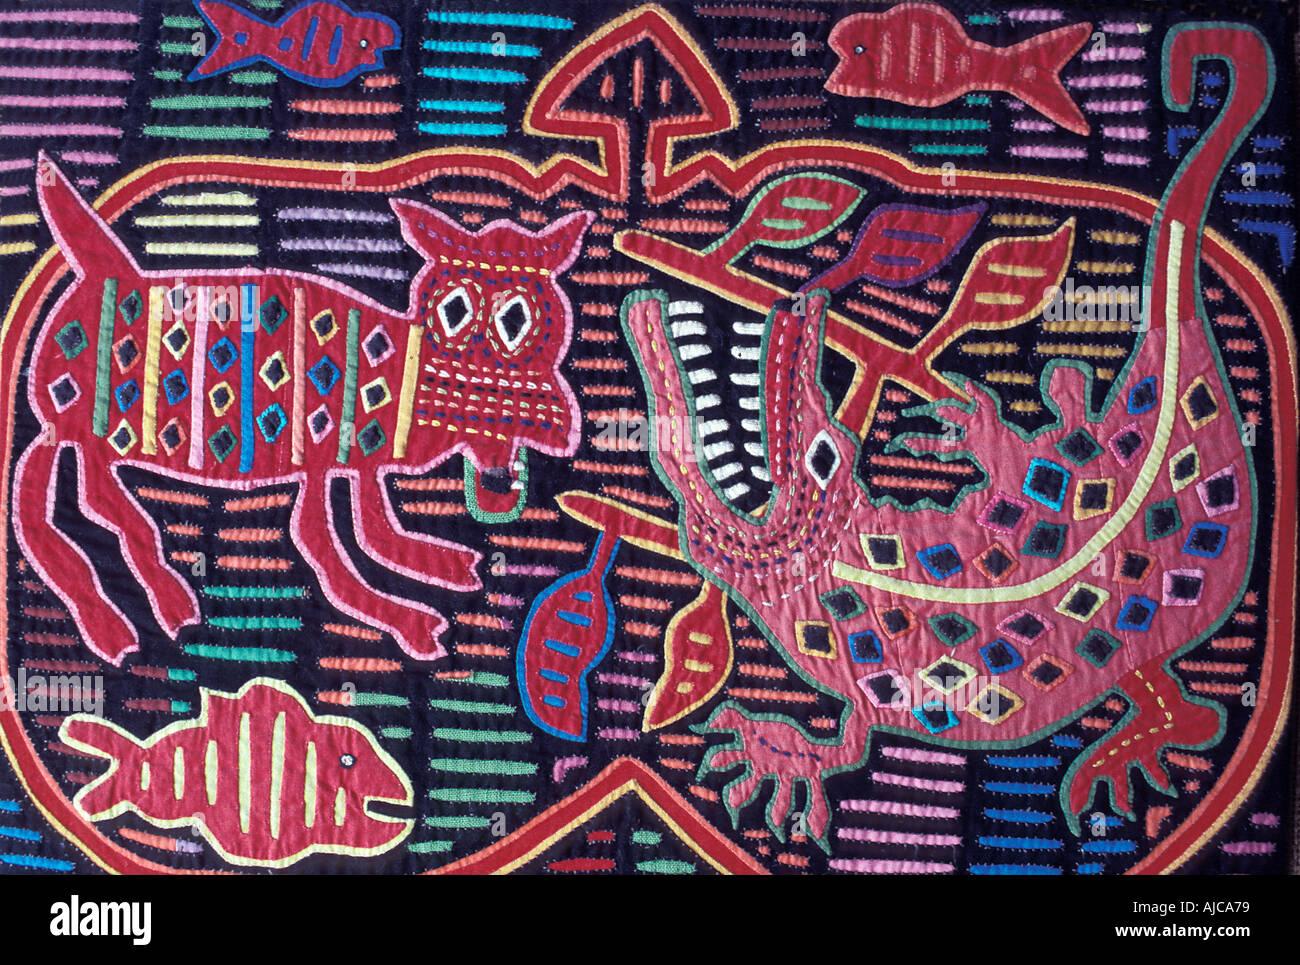 Applique decorazione applicata a bluse Molas degli Indiani Kuna isole San  Blas Panama Immagini Stock f4d09144b4be